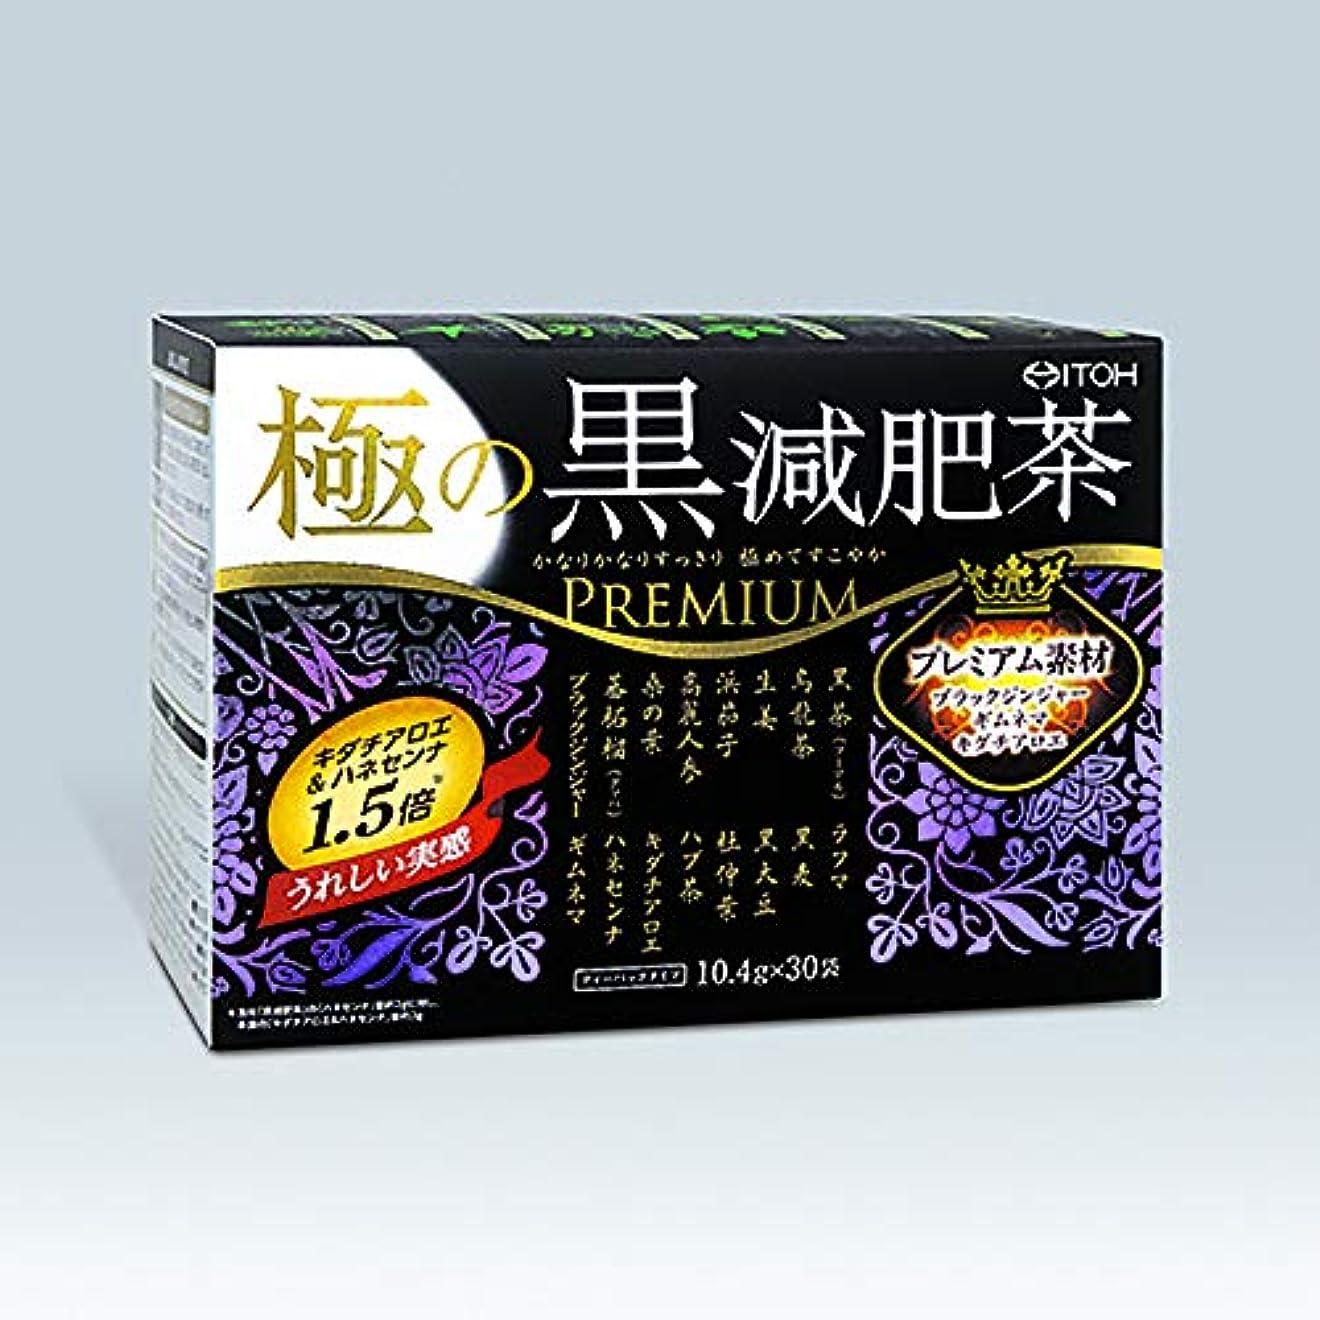 ラジカル落ち着くホスト井藤漢方製薬 極の黒減肥茶30袋